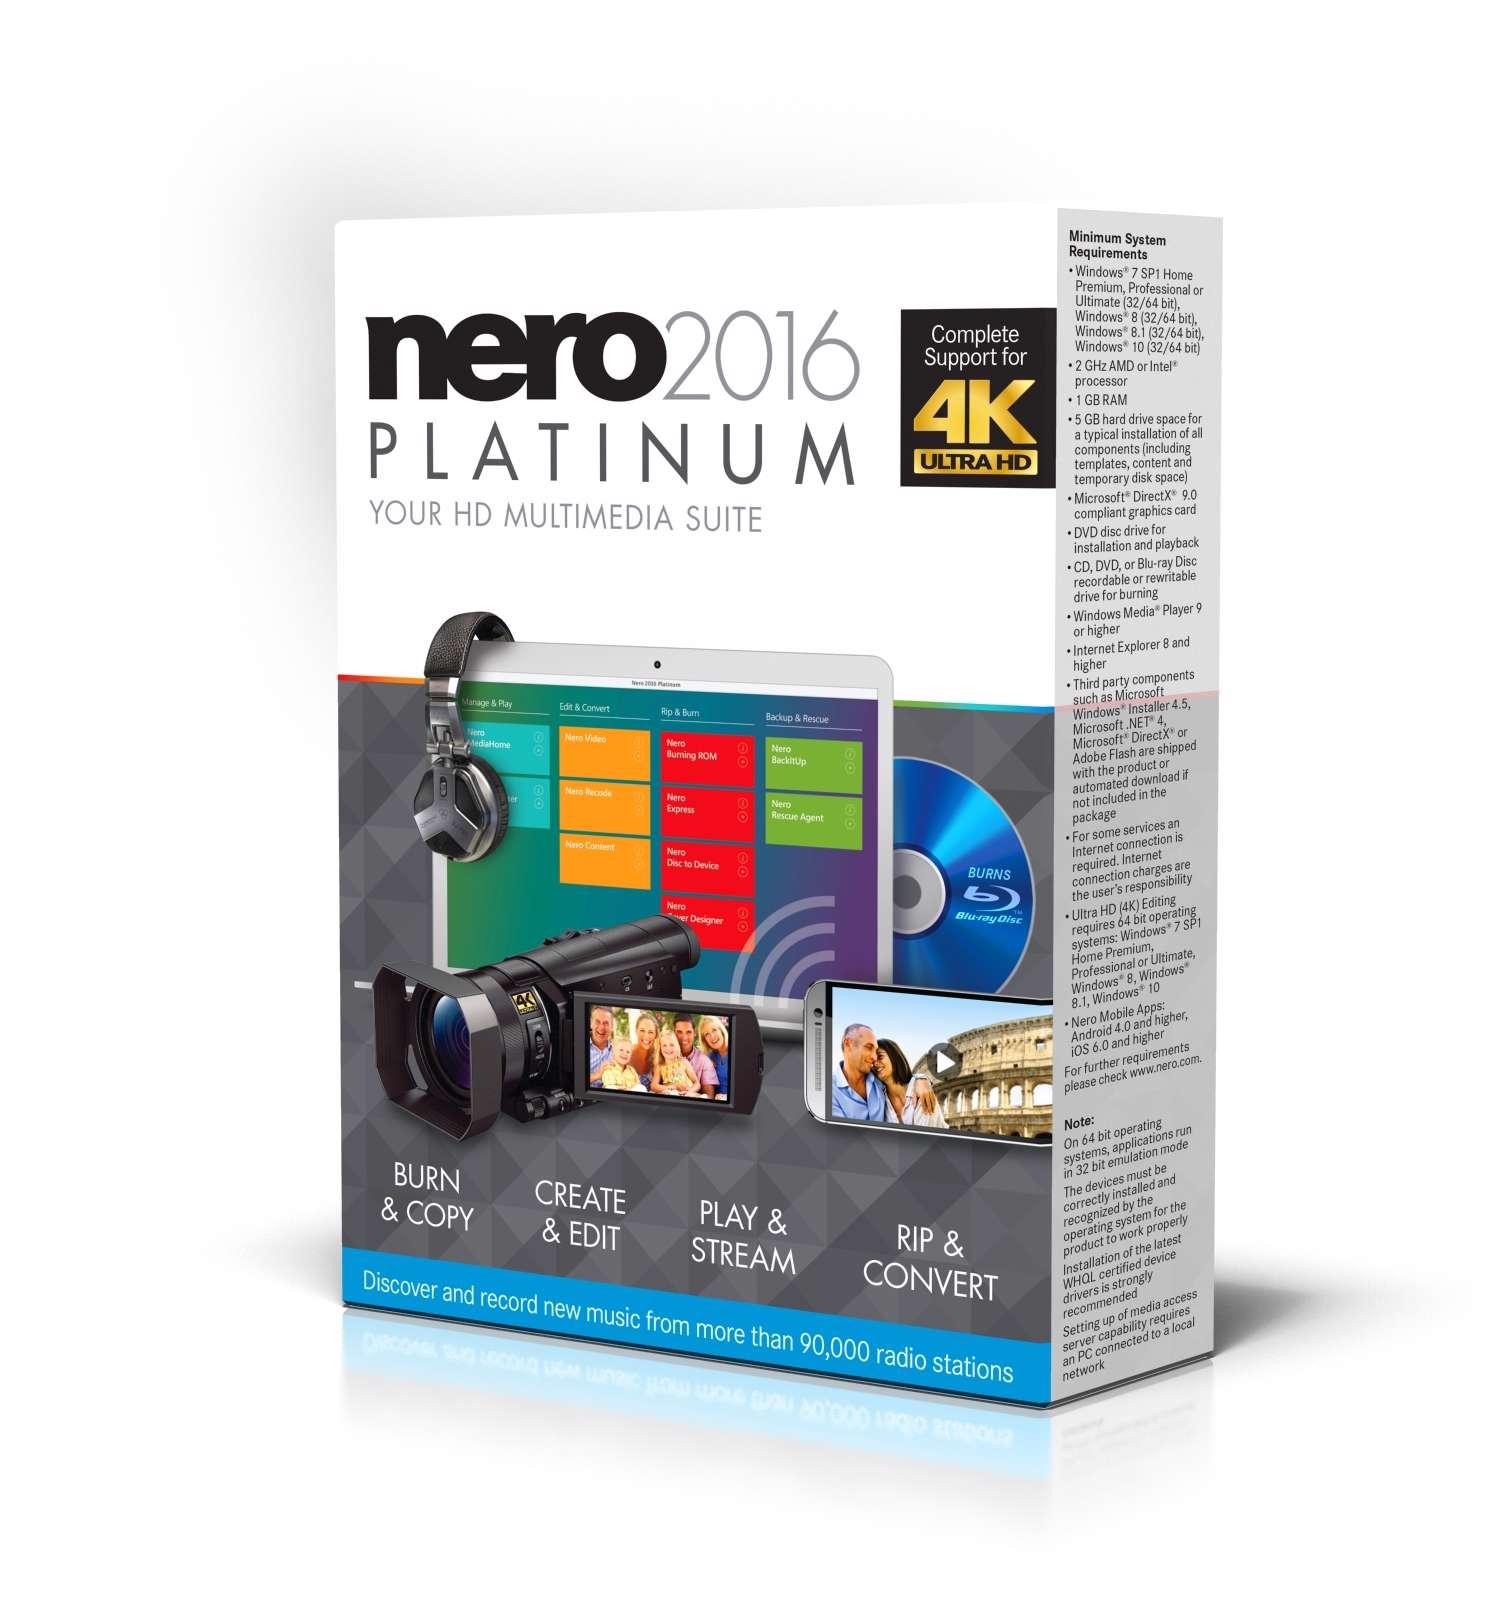 دانلود مجموعه نرم افزارهای Nero 2016 Platinum 17.0.04000 ، Nero